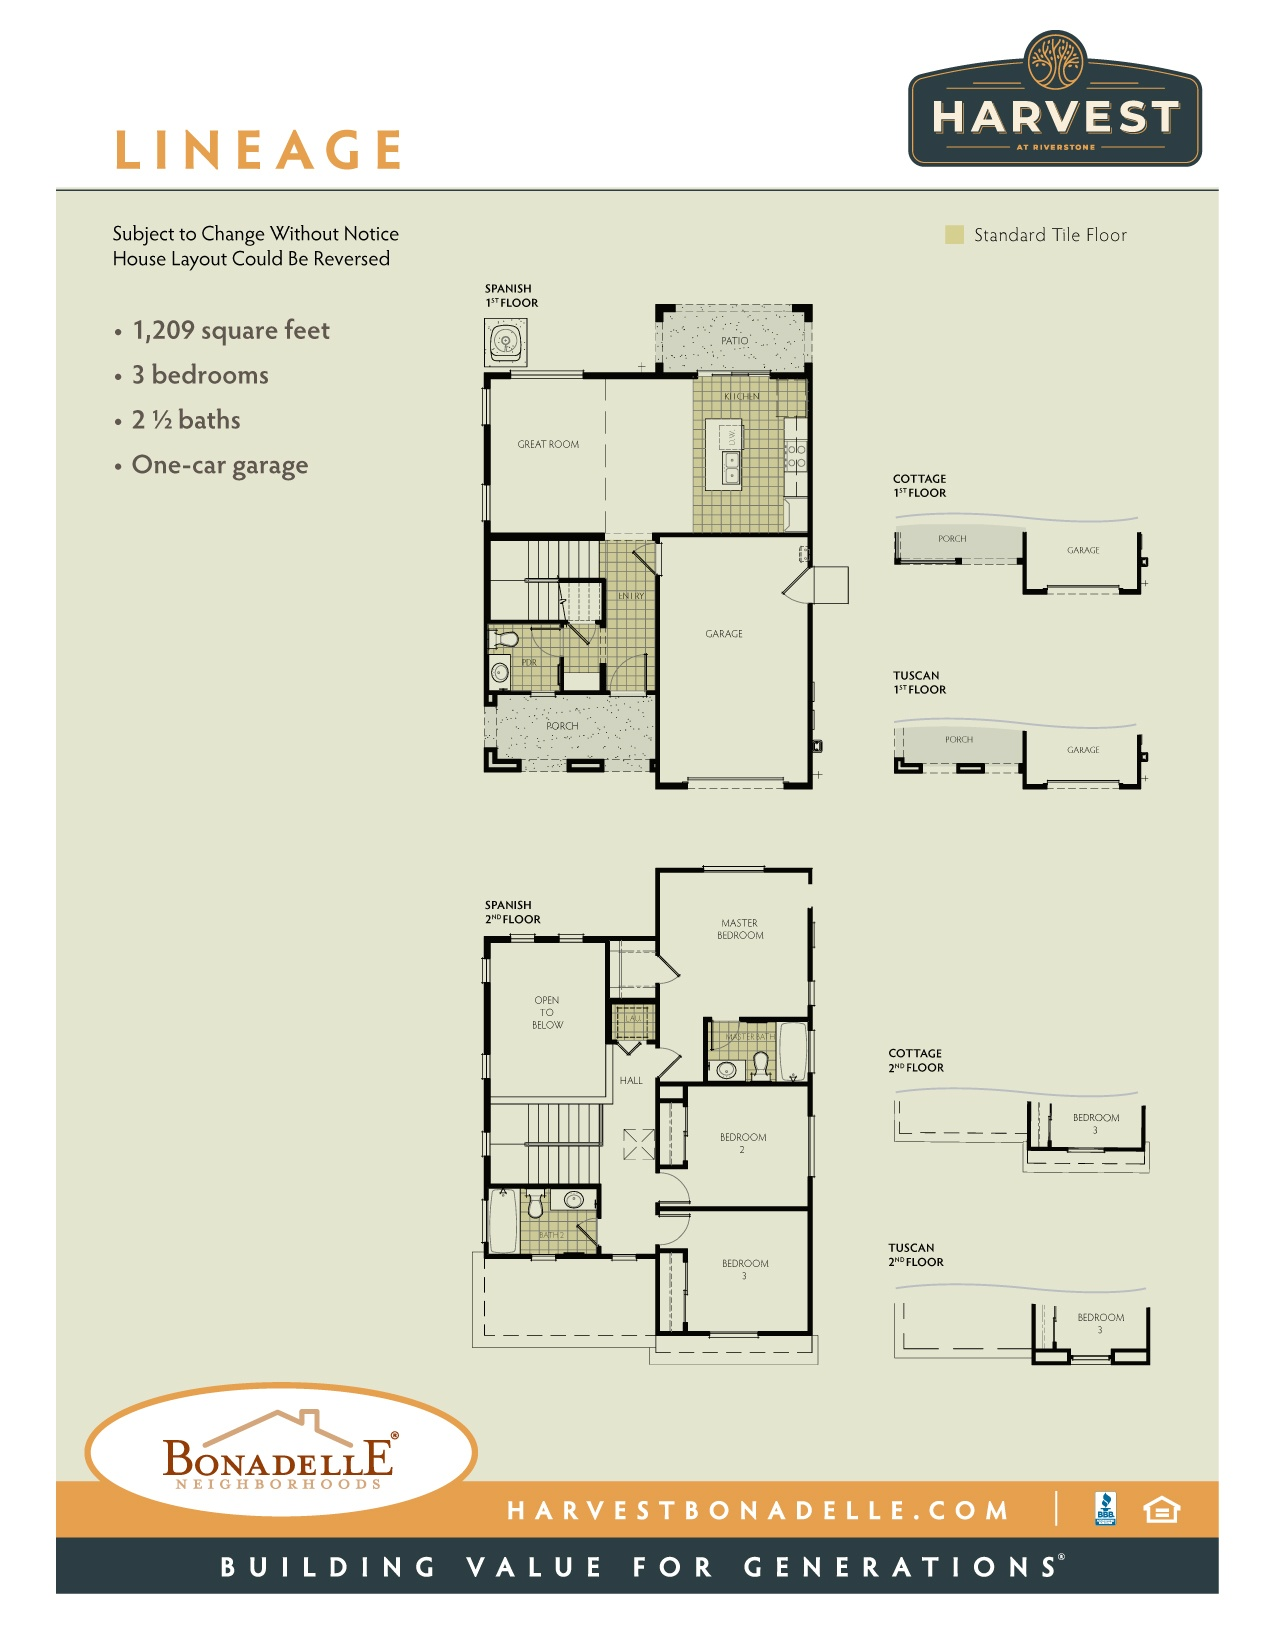 Lineage floor plan